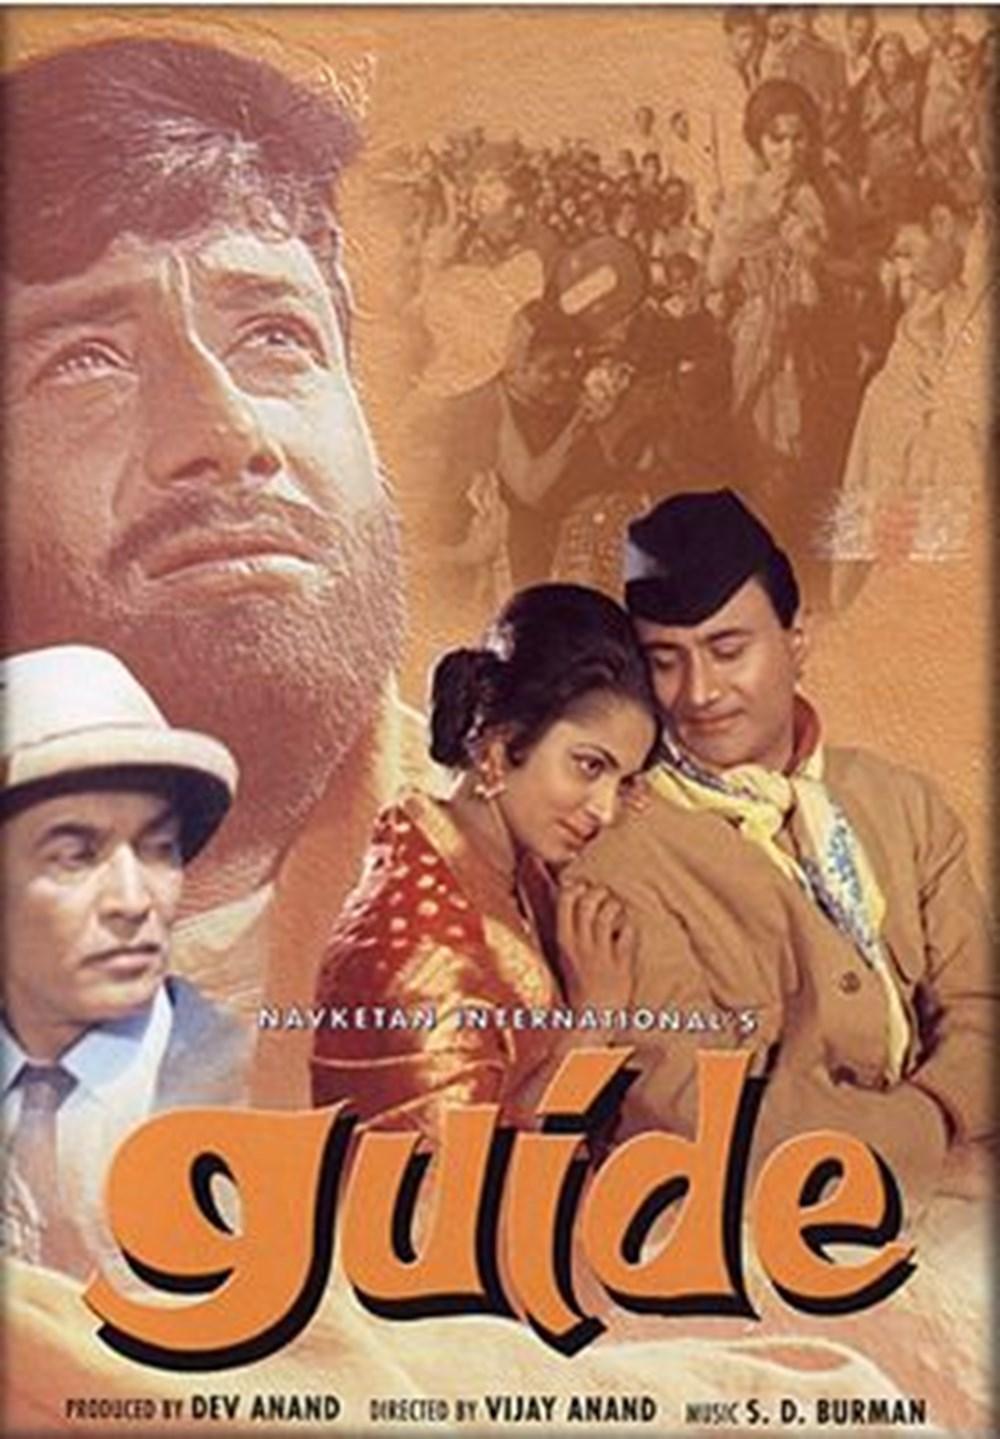 En iyi Hint filmleri - IMDb verileri (Bollywood sineması) - 31